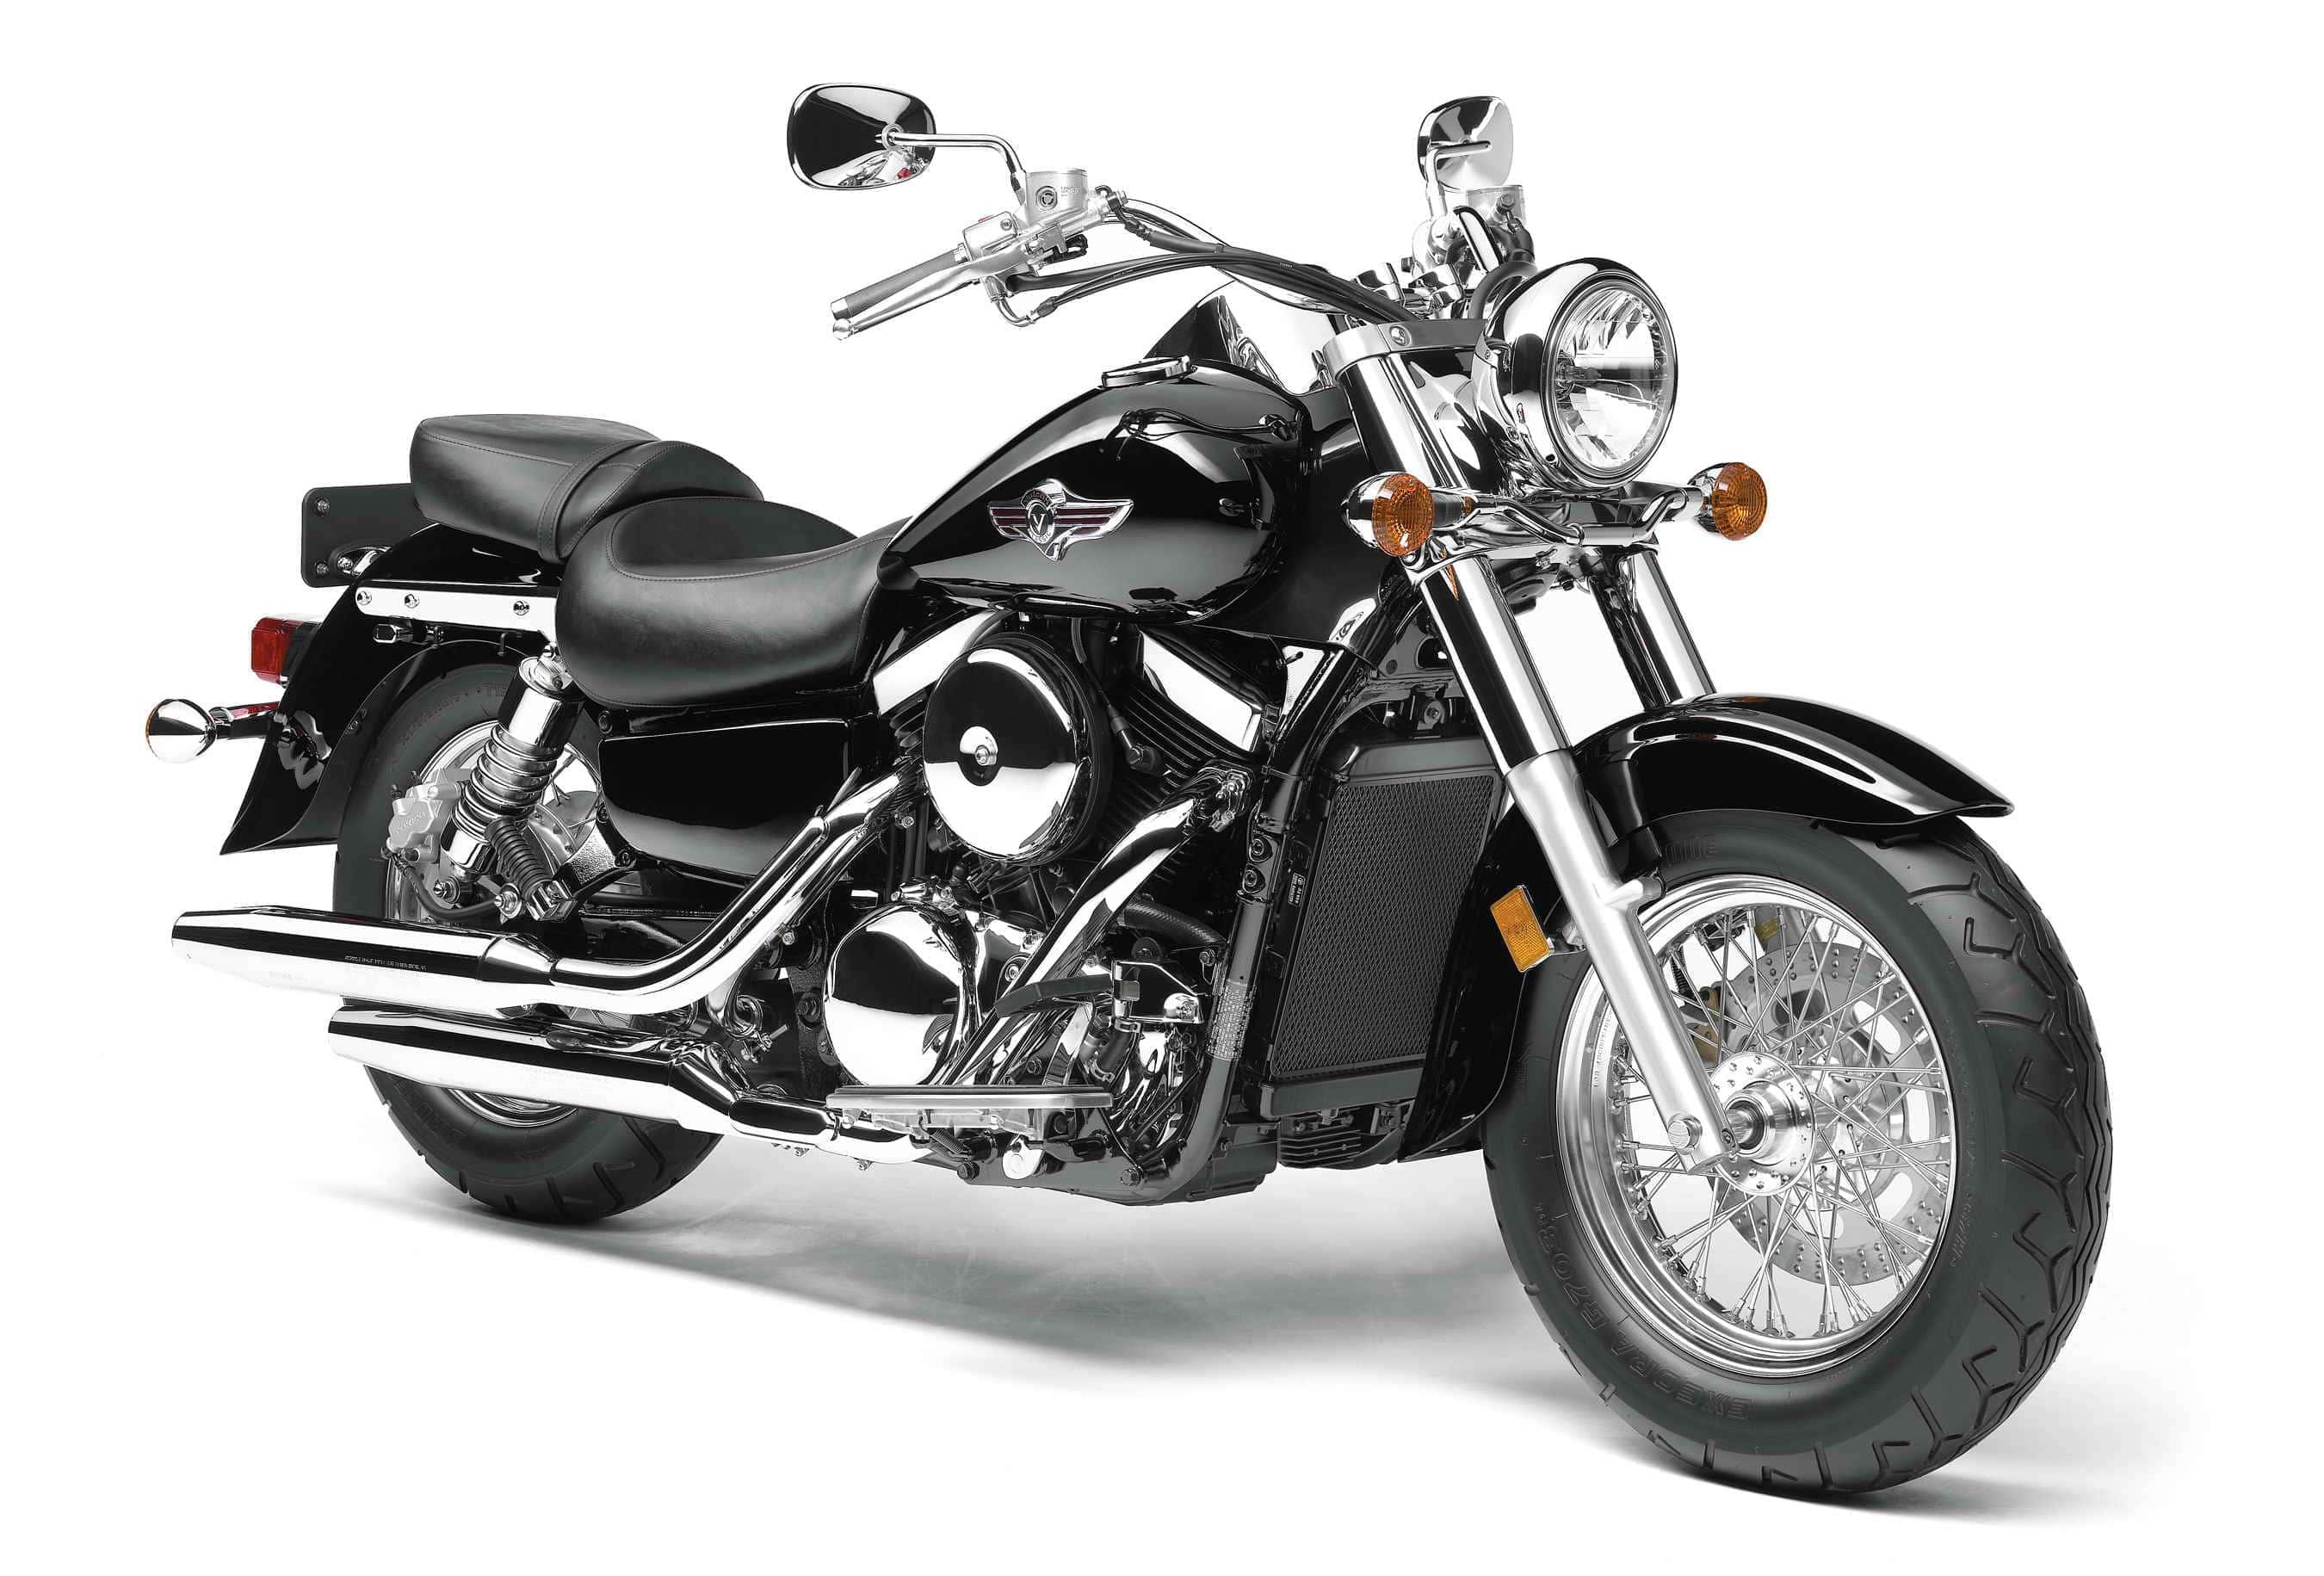 a look at kawasaki vulcan motorcycles2003 Kawasaki Vulcan 800 Also Kawasaki Vulcan 1500 In Addition Diagram #17